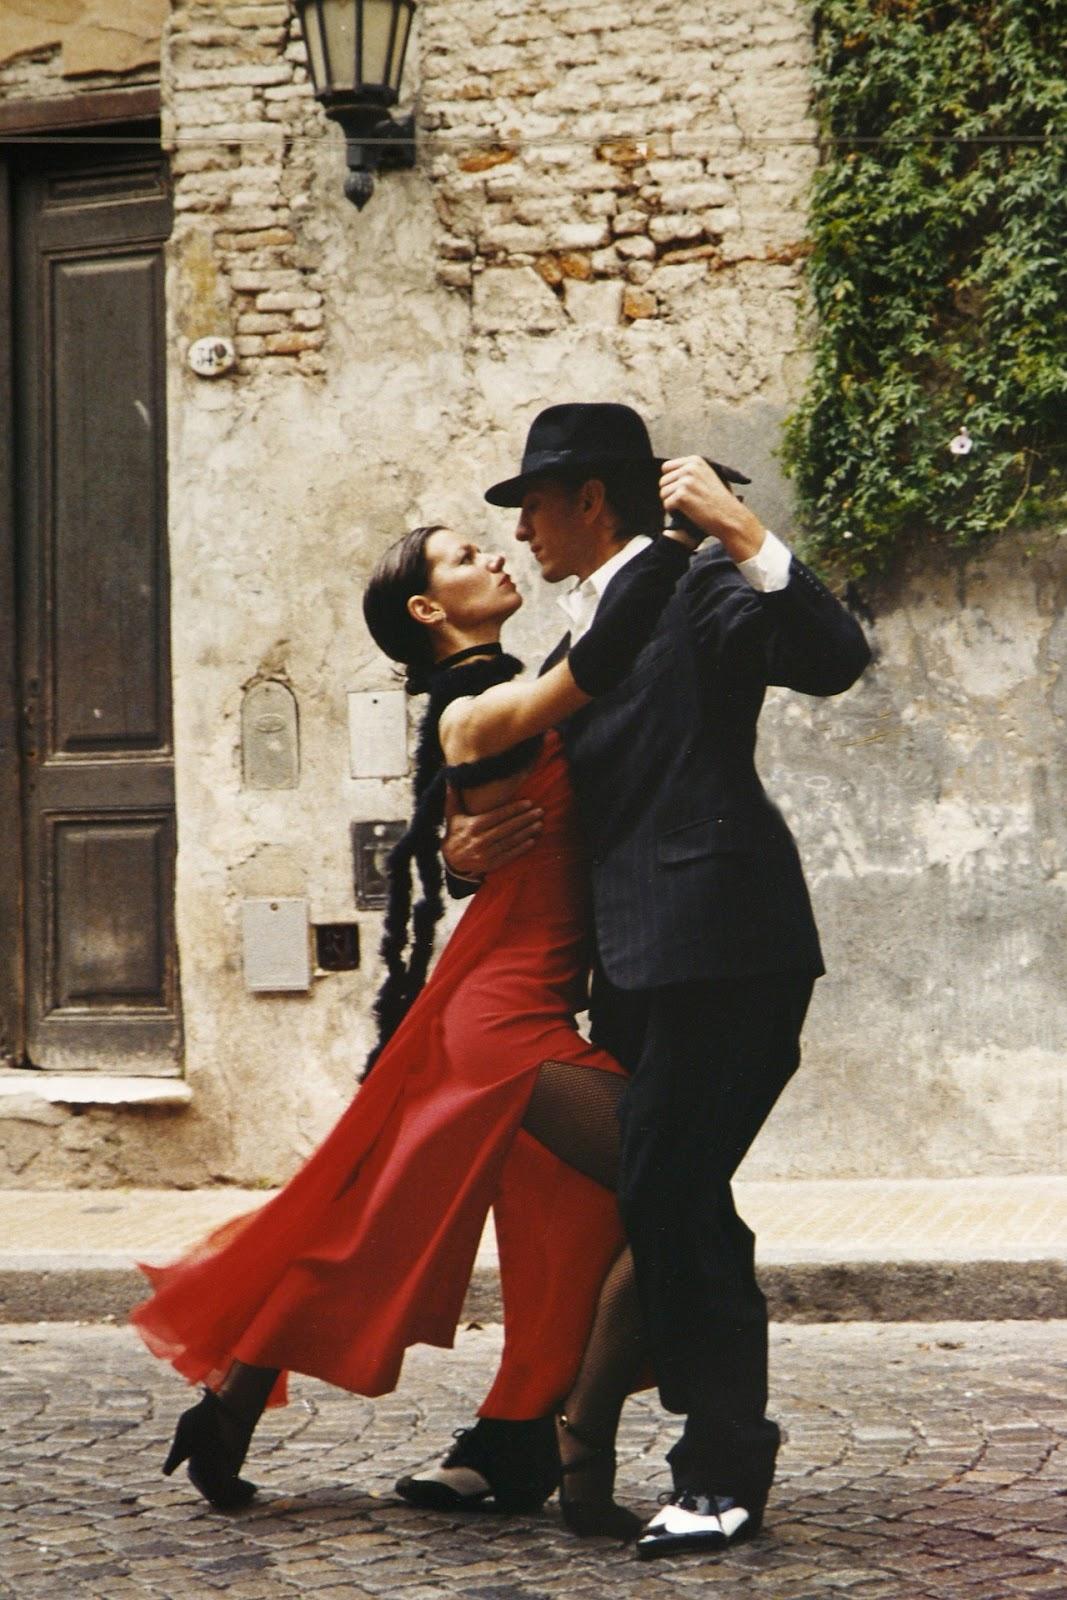 comment être heureux, comment trouver le bonheur, être heureux en couple, danser, joie, moment de bonheur